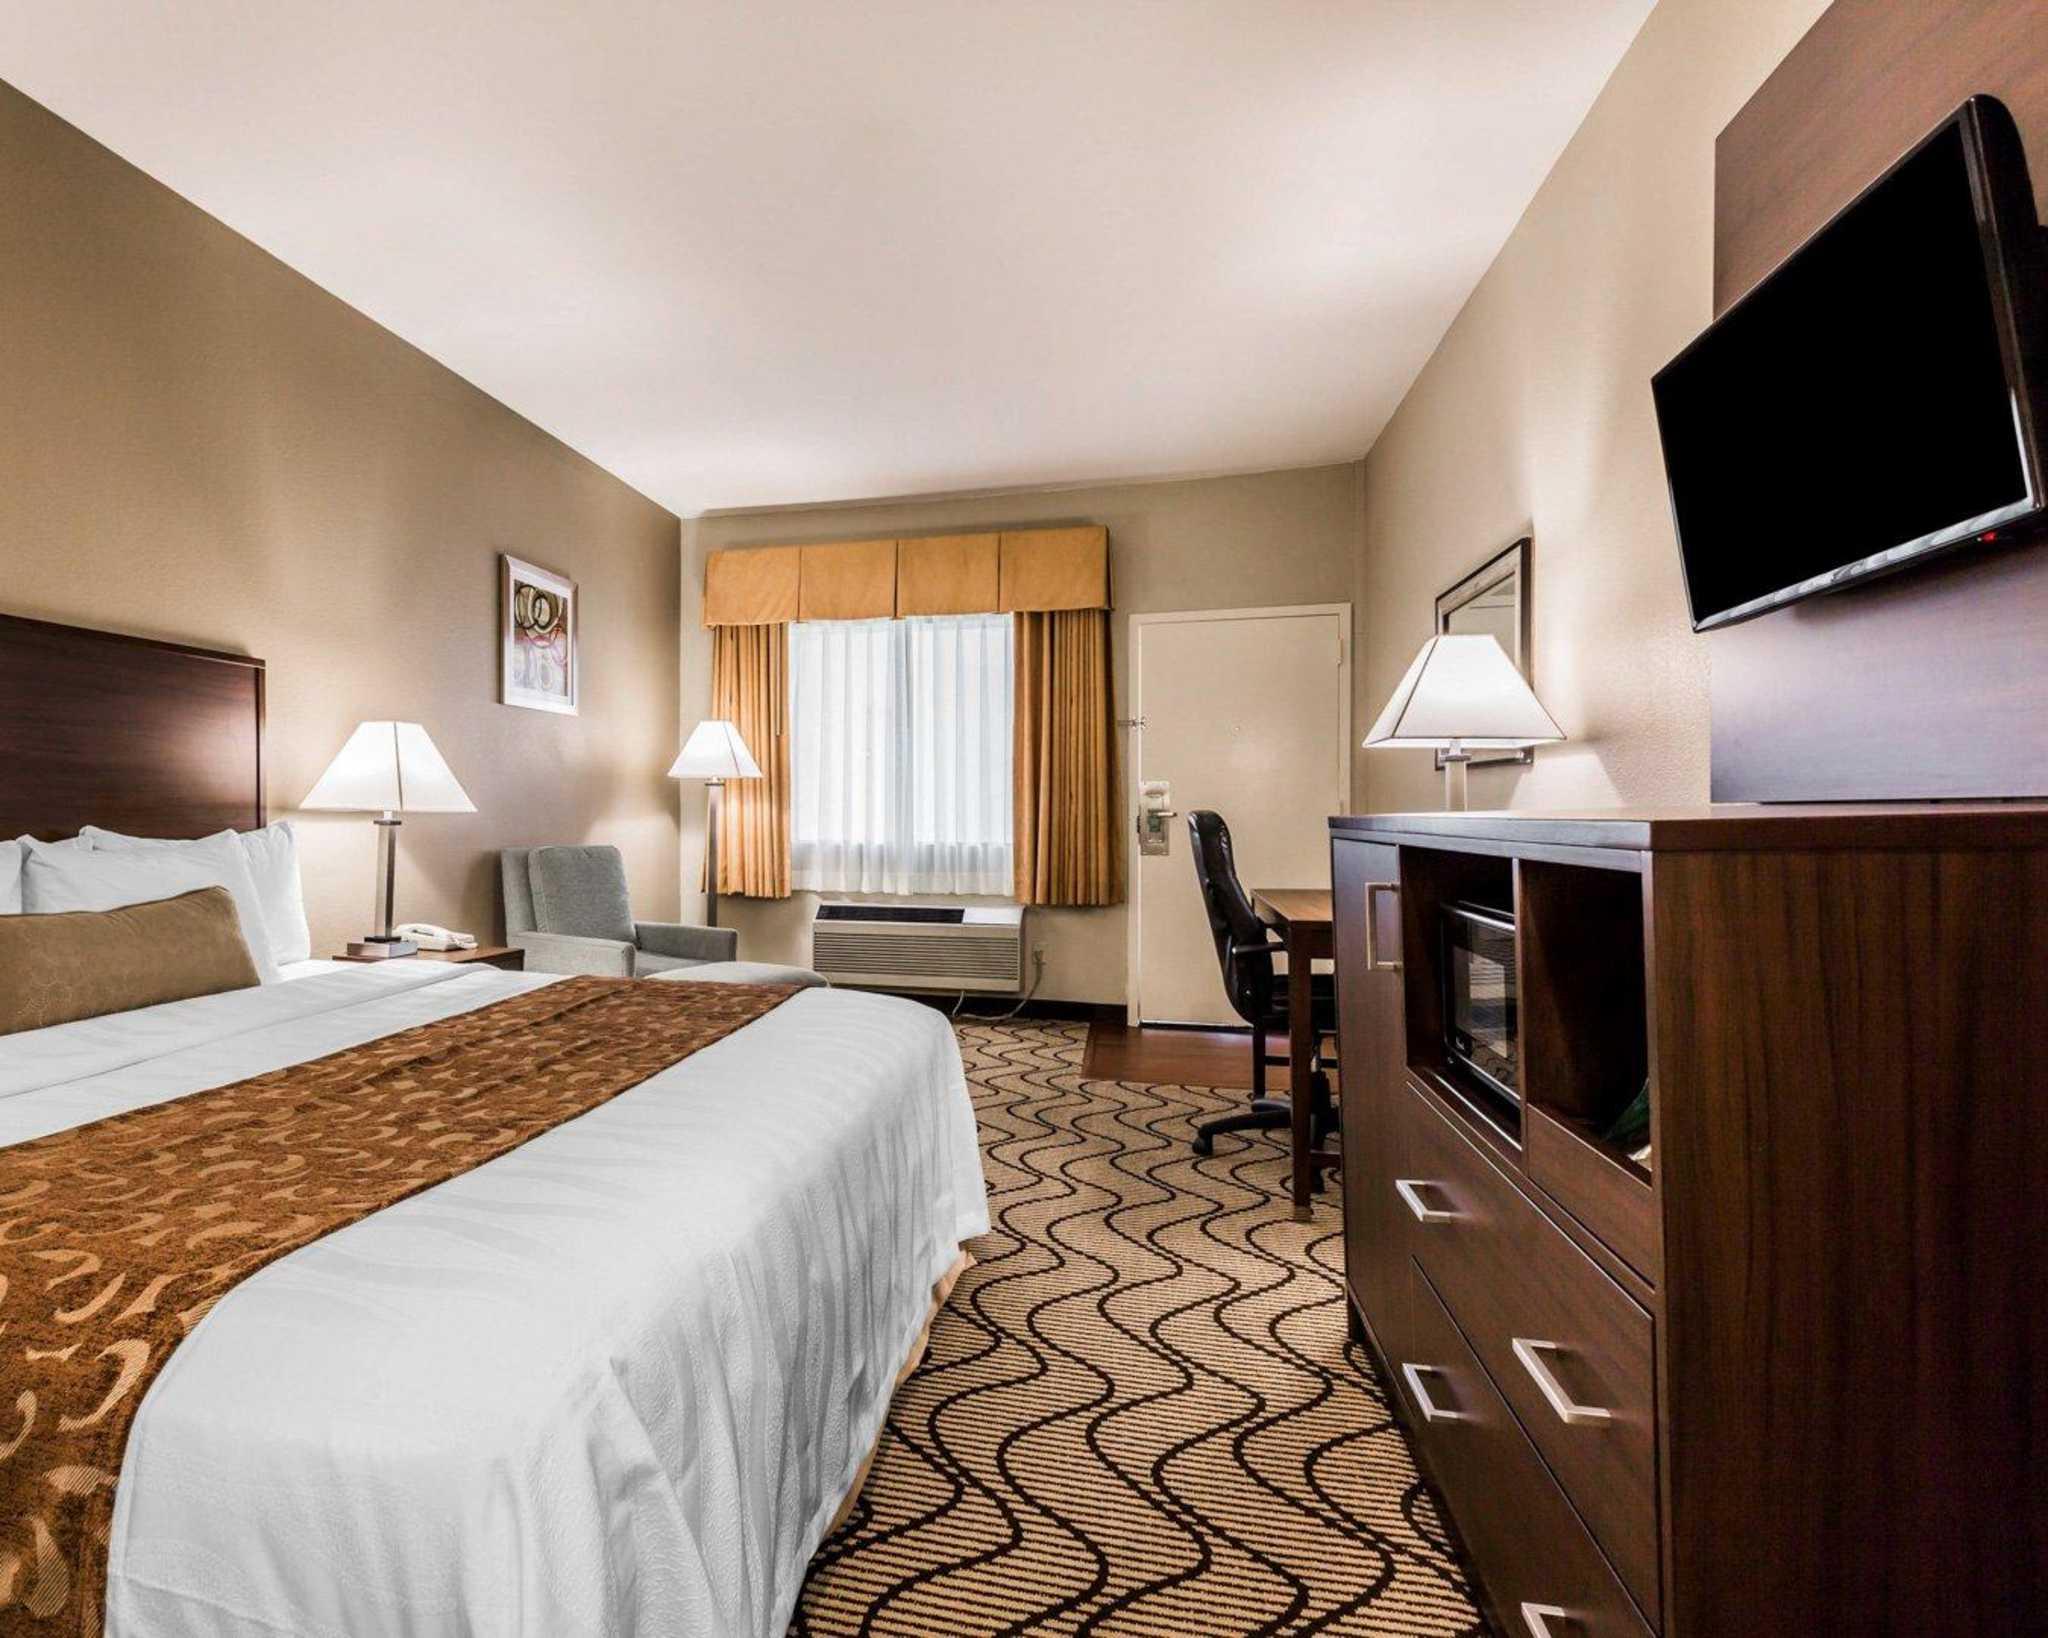 Comfort Inn & Suites Orange County John Wayne Airport image 11